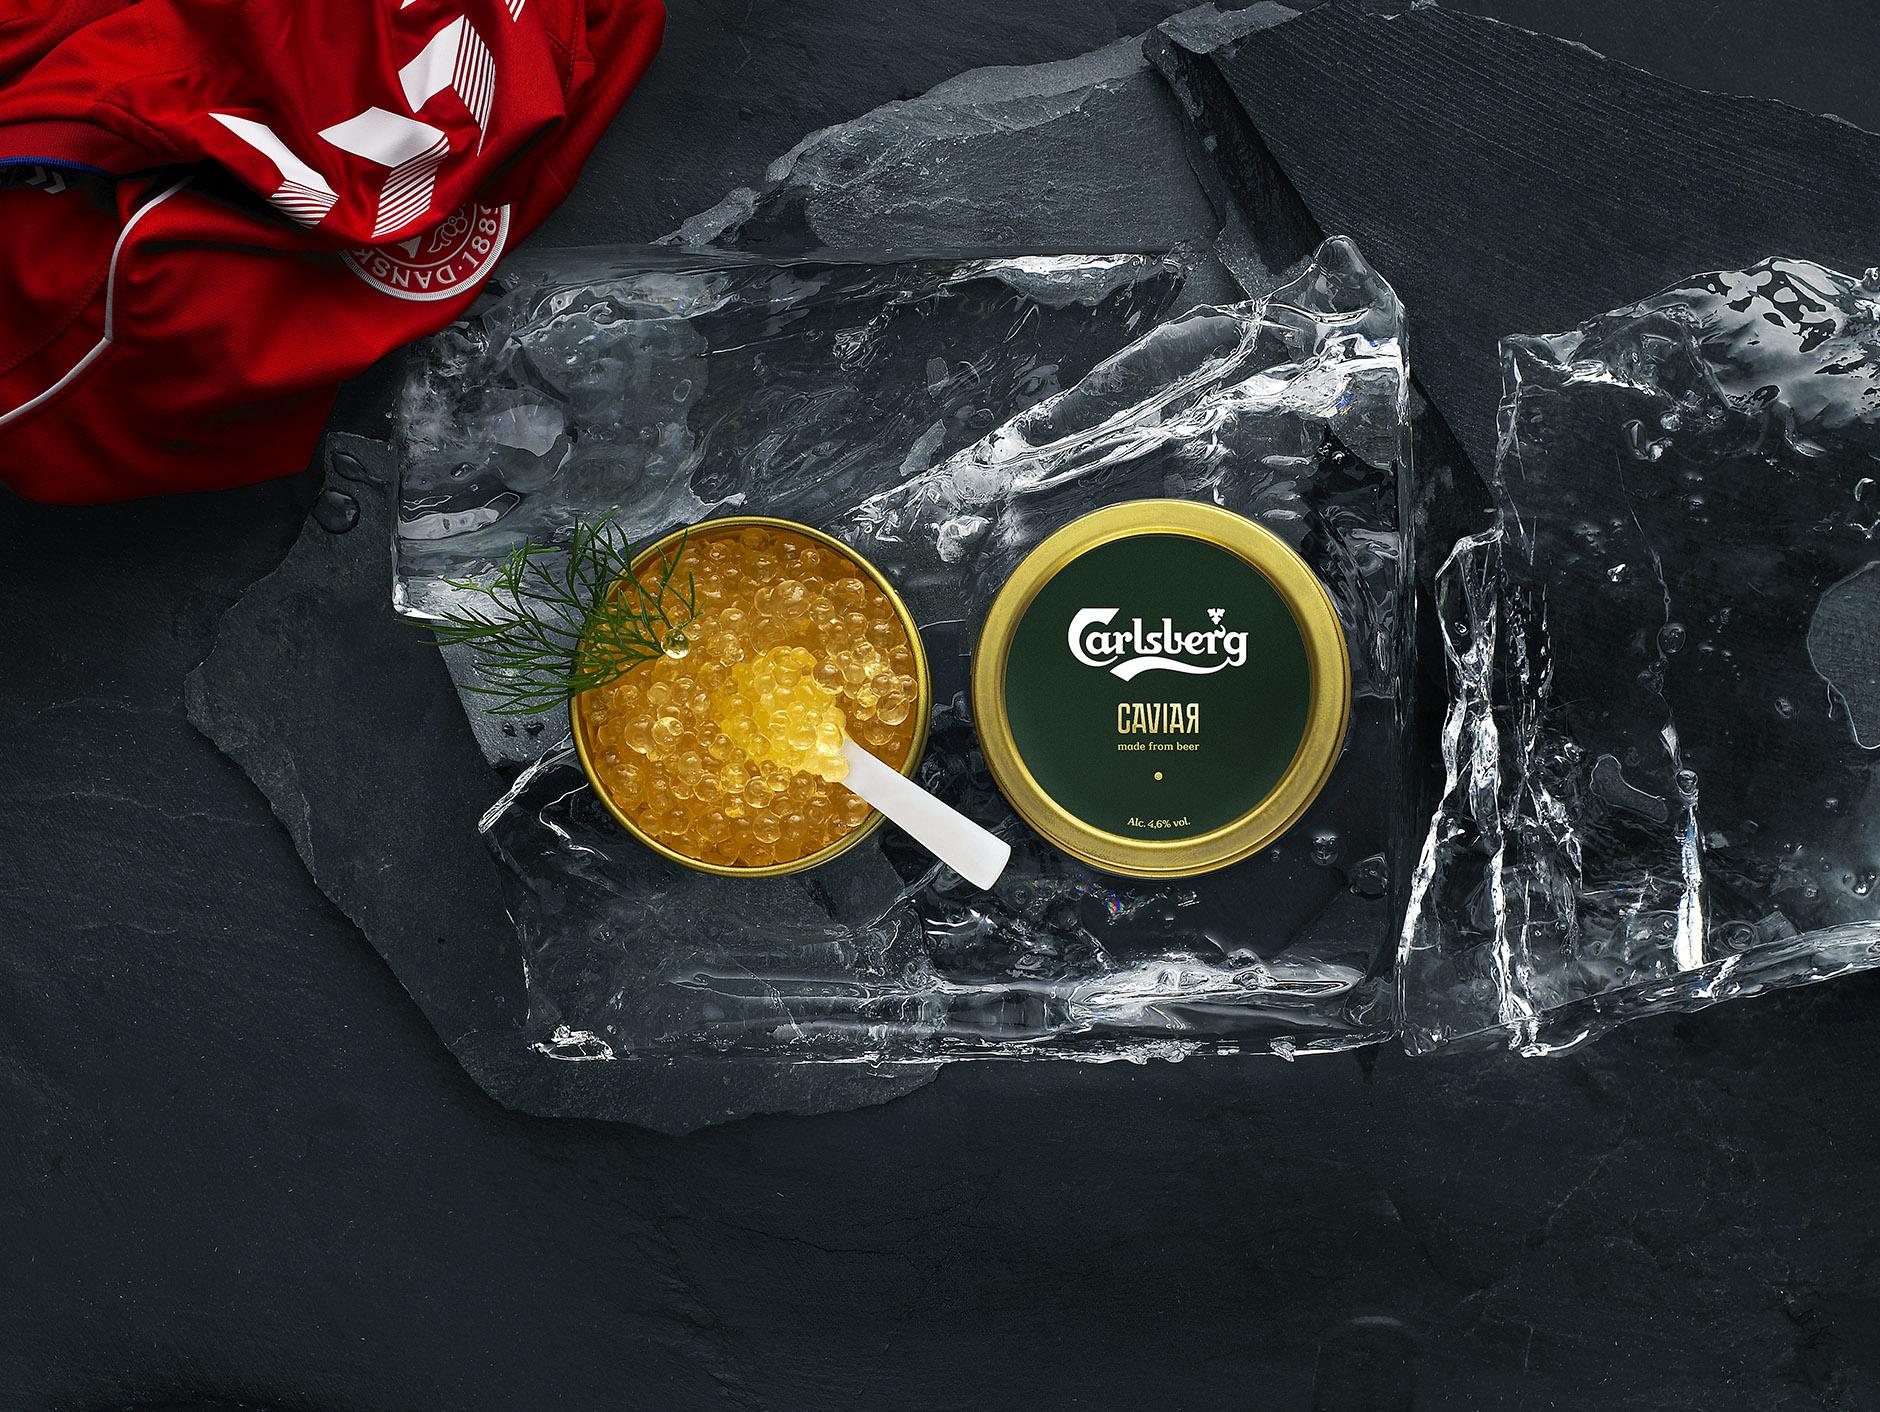 Carlsberg_Caviar_LowRes_Ice.jpg